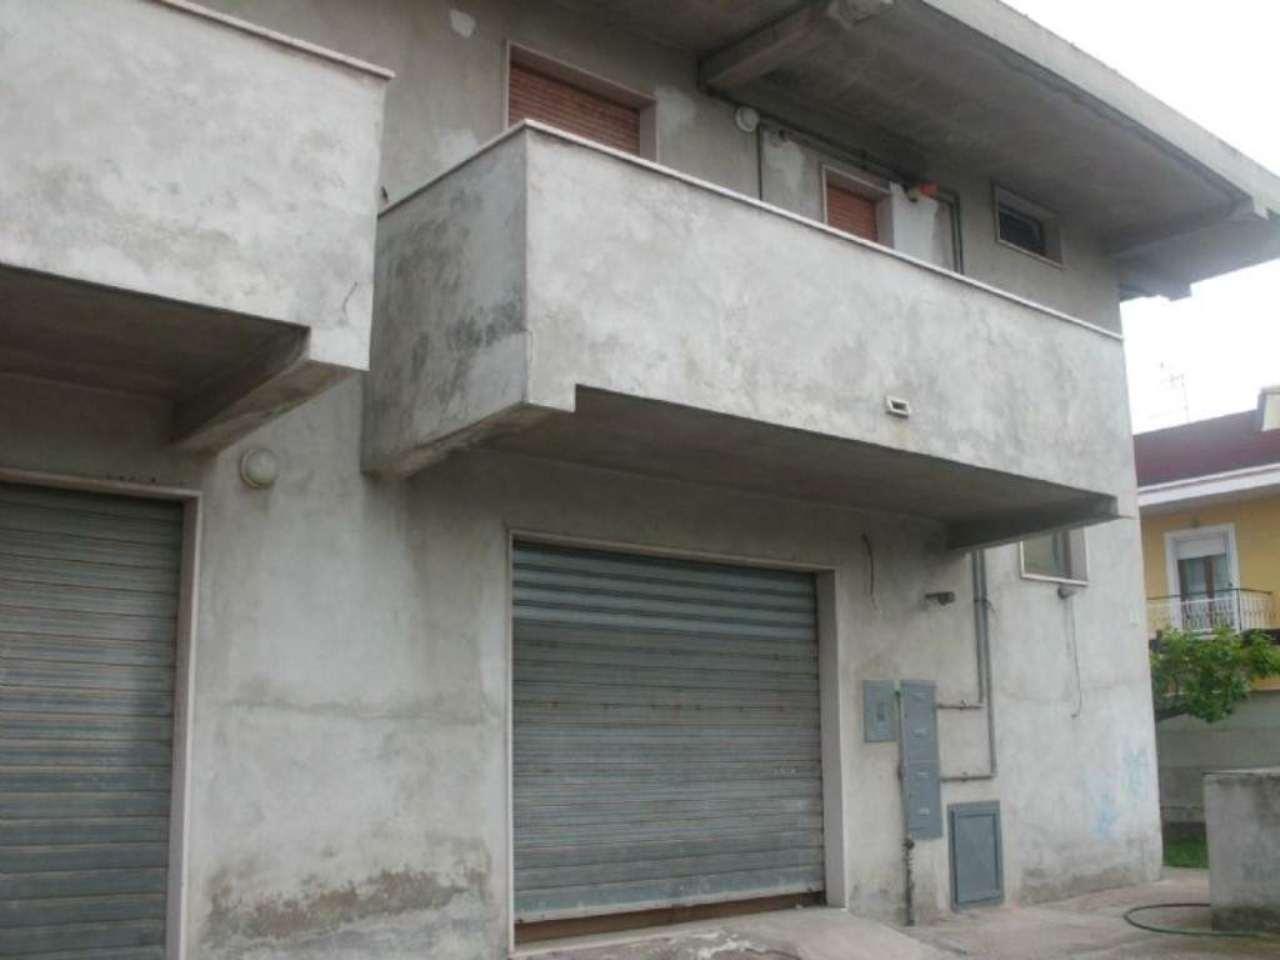 Negozio / Locale in affitto a Montesilvano, 2 locali, prezzo € 700 | Cambio Casa.it